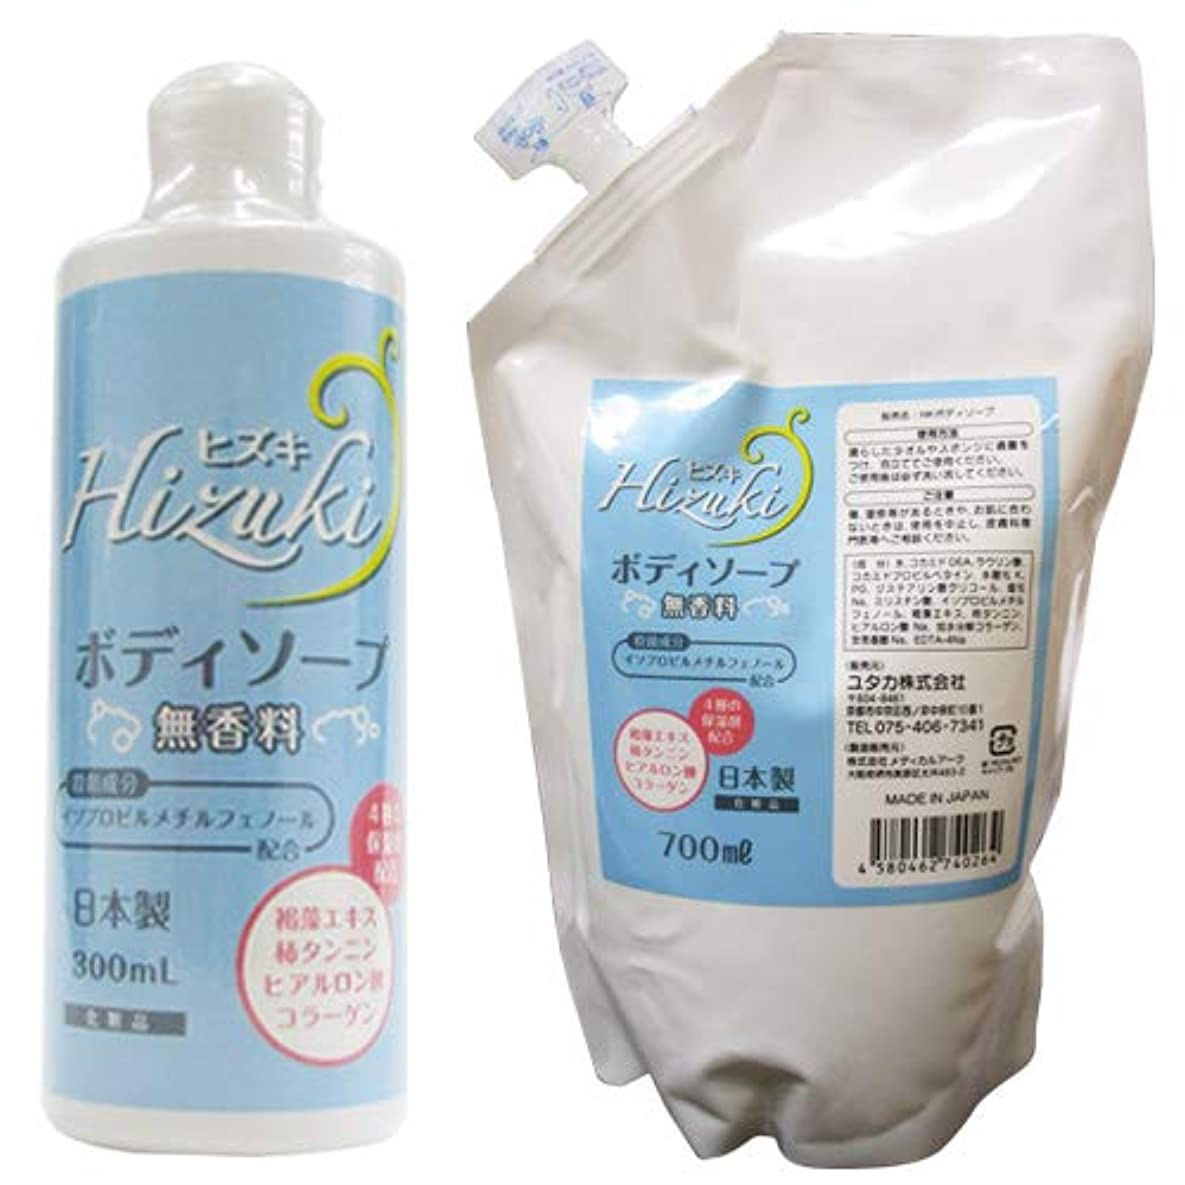 怪しい不安グリースHizuki(ヒズキ) ボディソープ 300mL + 詰め替え用700mL セット